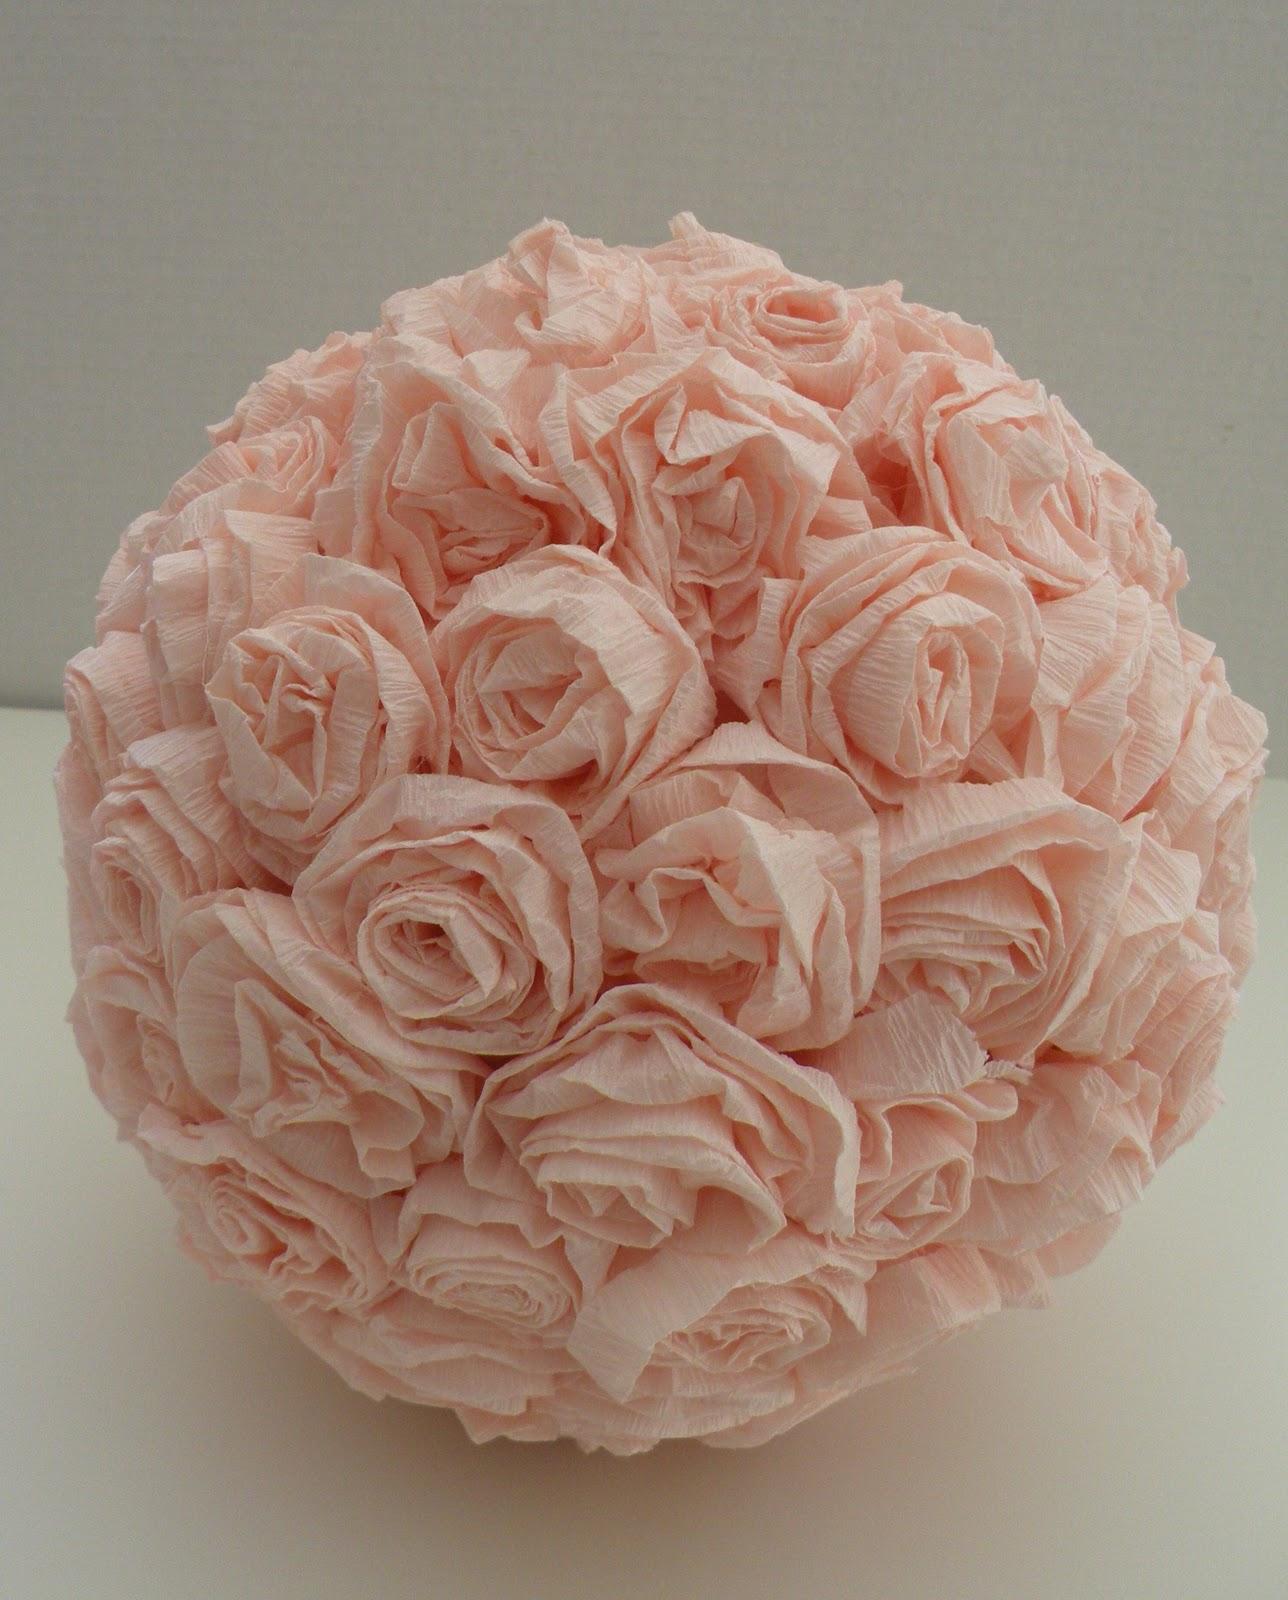 Bala de goma bolas de rosas de papel crepom for Rosas de papel